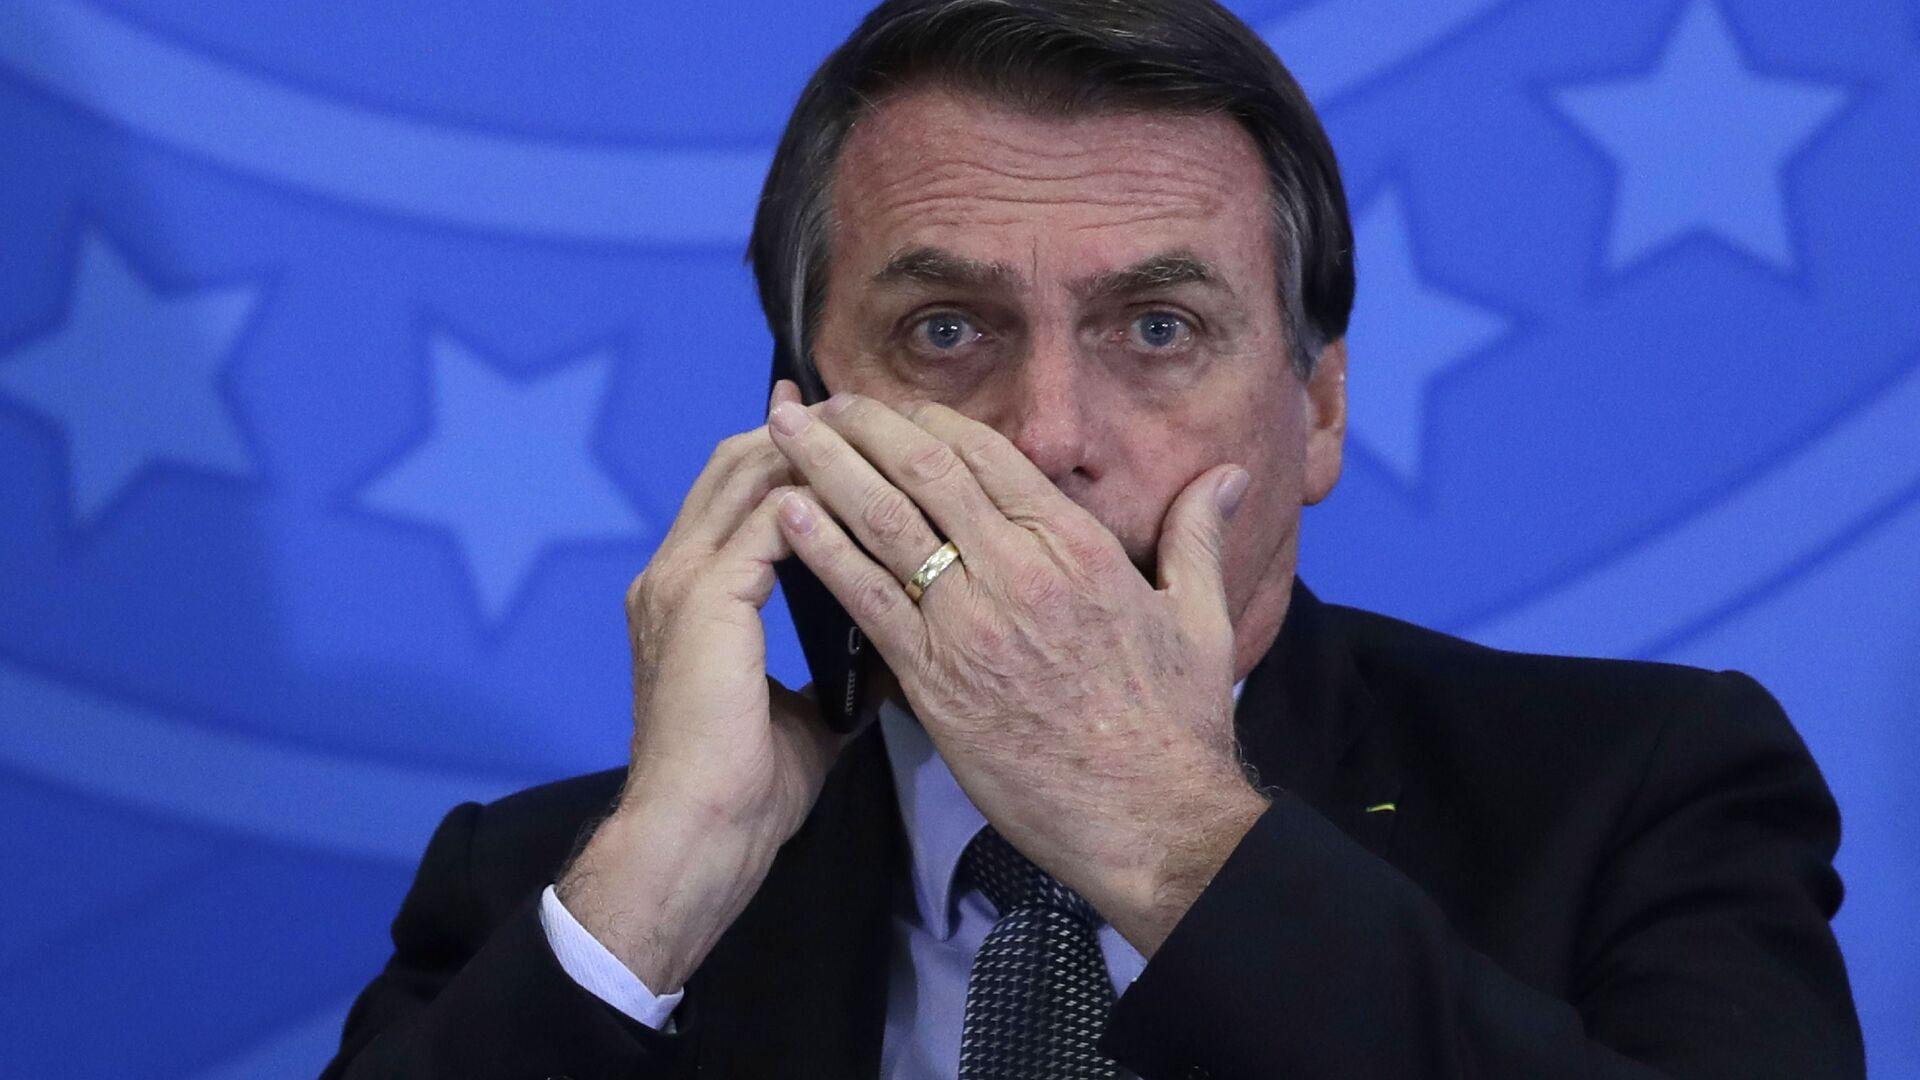 Jair Bolsonaro, presidente de Brasil, habla por teléfono móvil - Sputnik Mundo, 1920, 10.02.2021